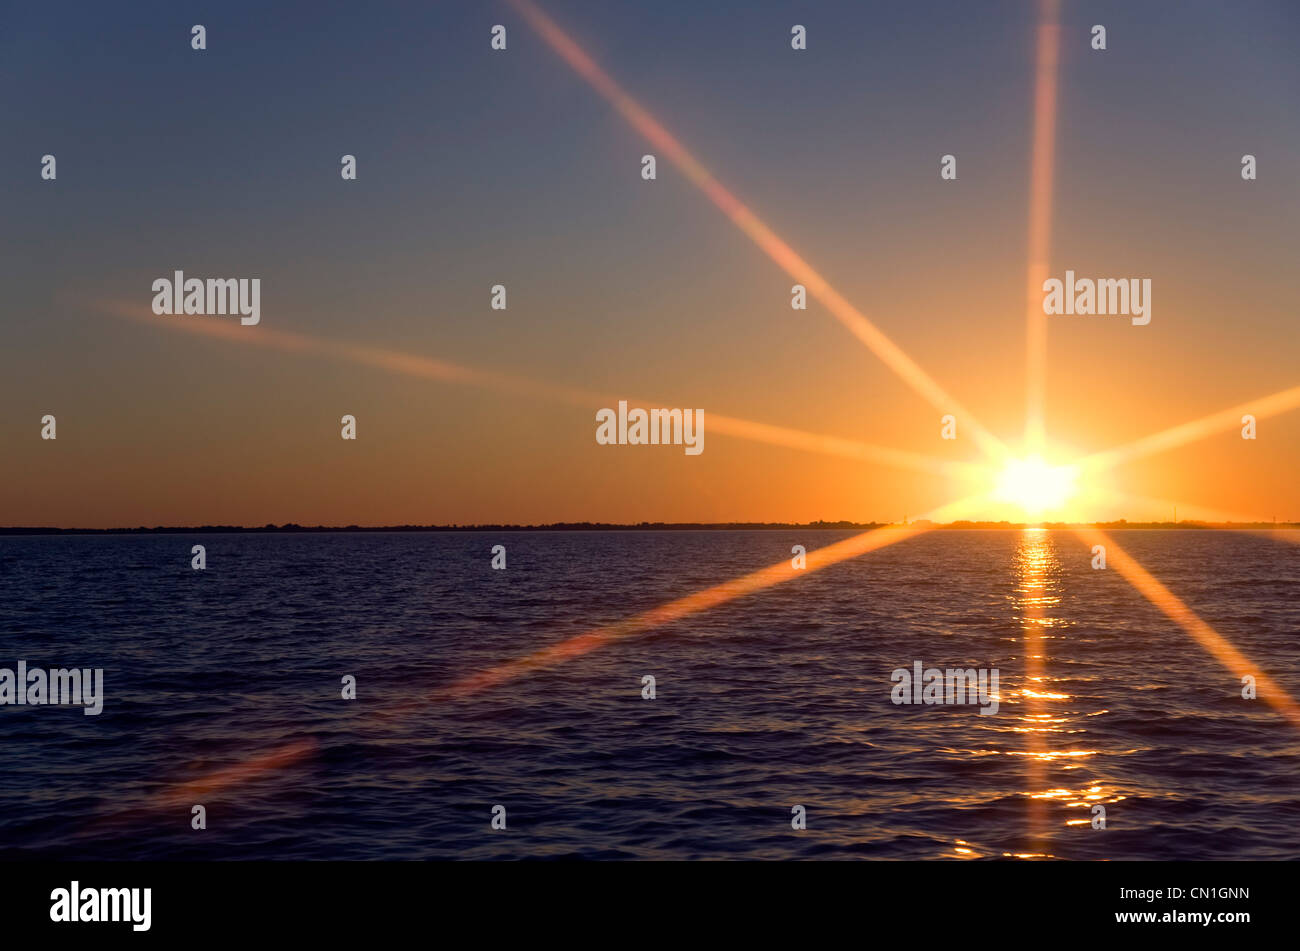 Sonnenuntergang Abfackeln in Abstand von See Erie, New York, USA Stockbild